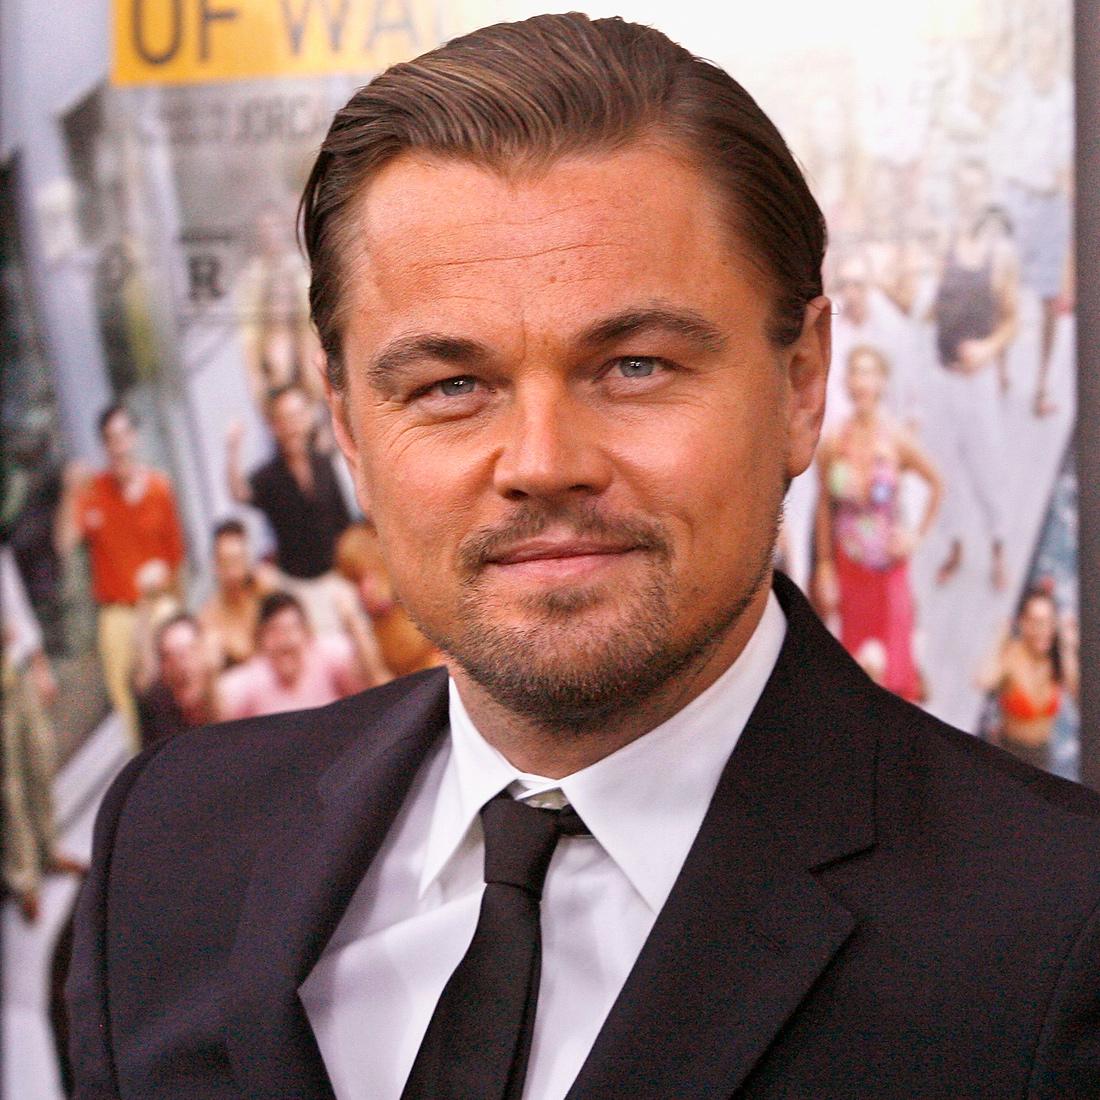 Leonardo DiCaprio on the Ellen Show 2014 | POPSUGAR Celebrity Leonardo Dicaprio